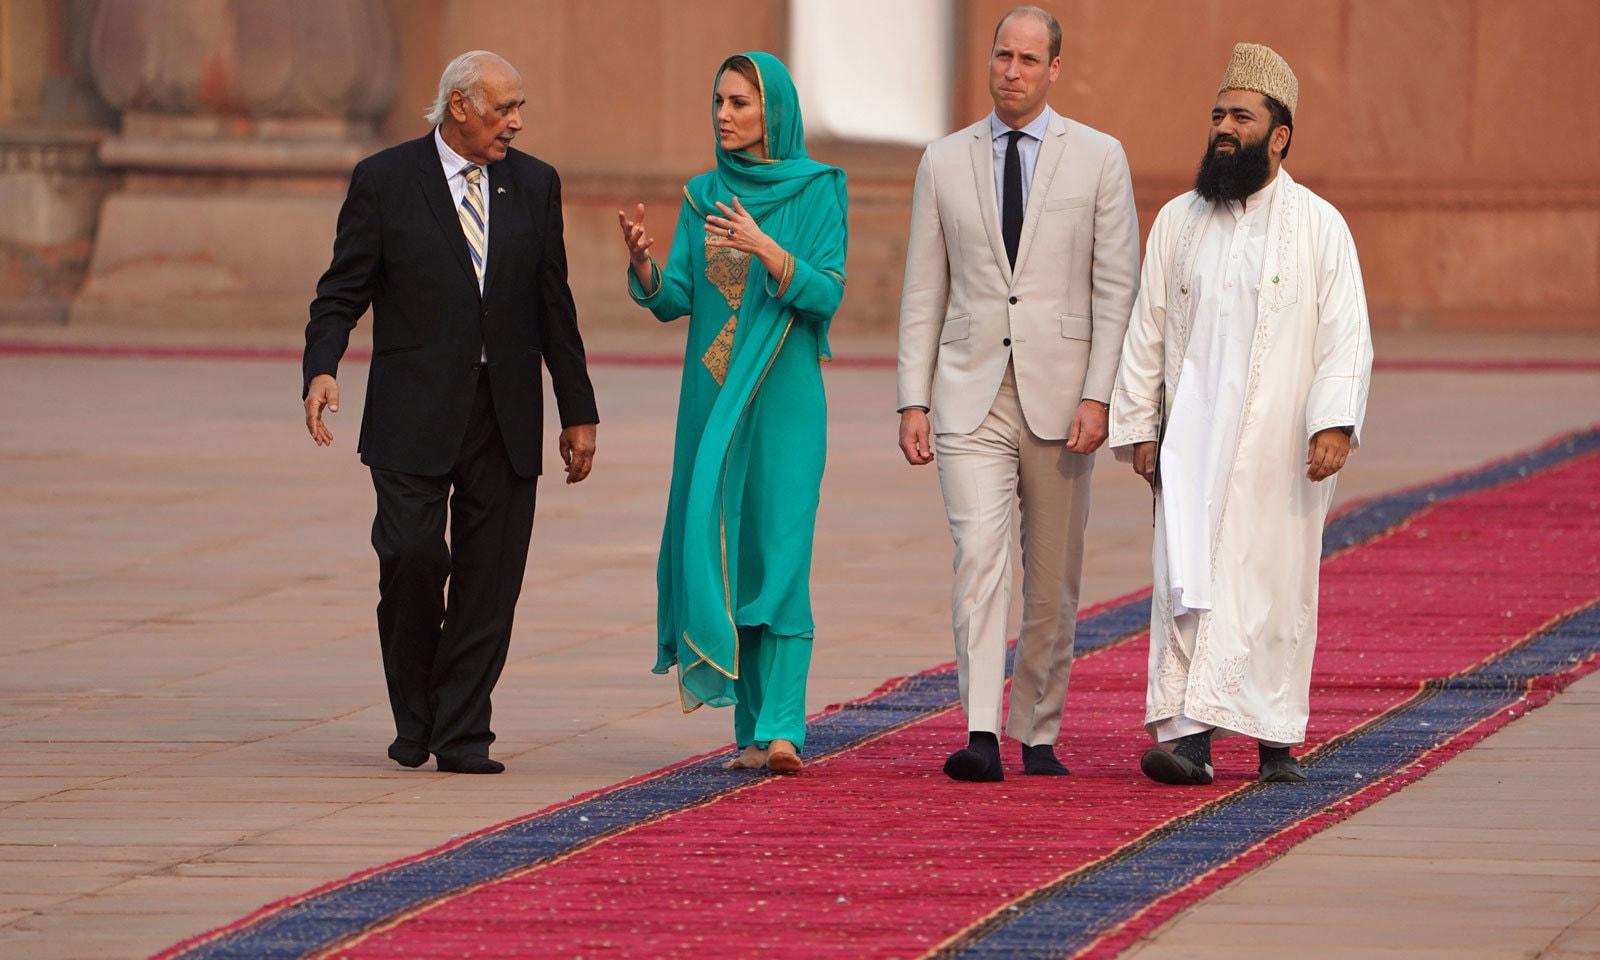 برطانوی شہزادے اور ان کی اہلیہ کو تاریخی بادشاہی مسجد کے دورے کے دوران تفصیلات بتائی جا رہی ہیں— فوٹو: رائٹرز